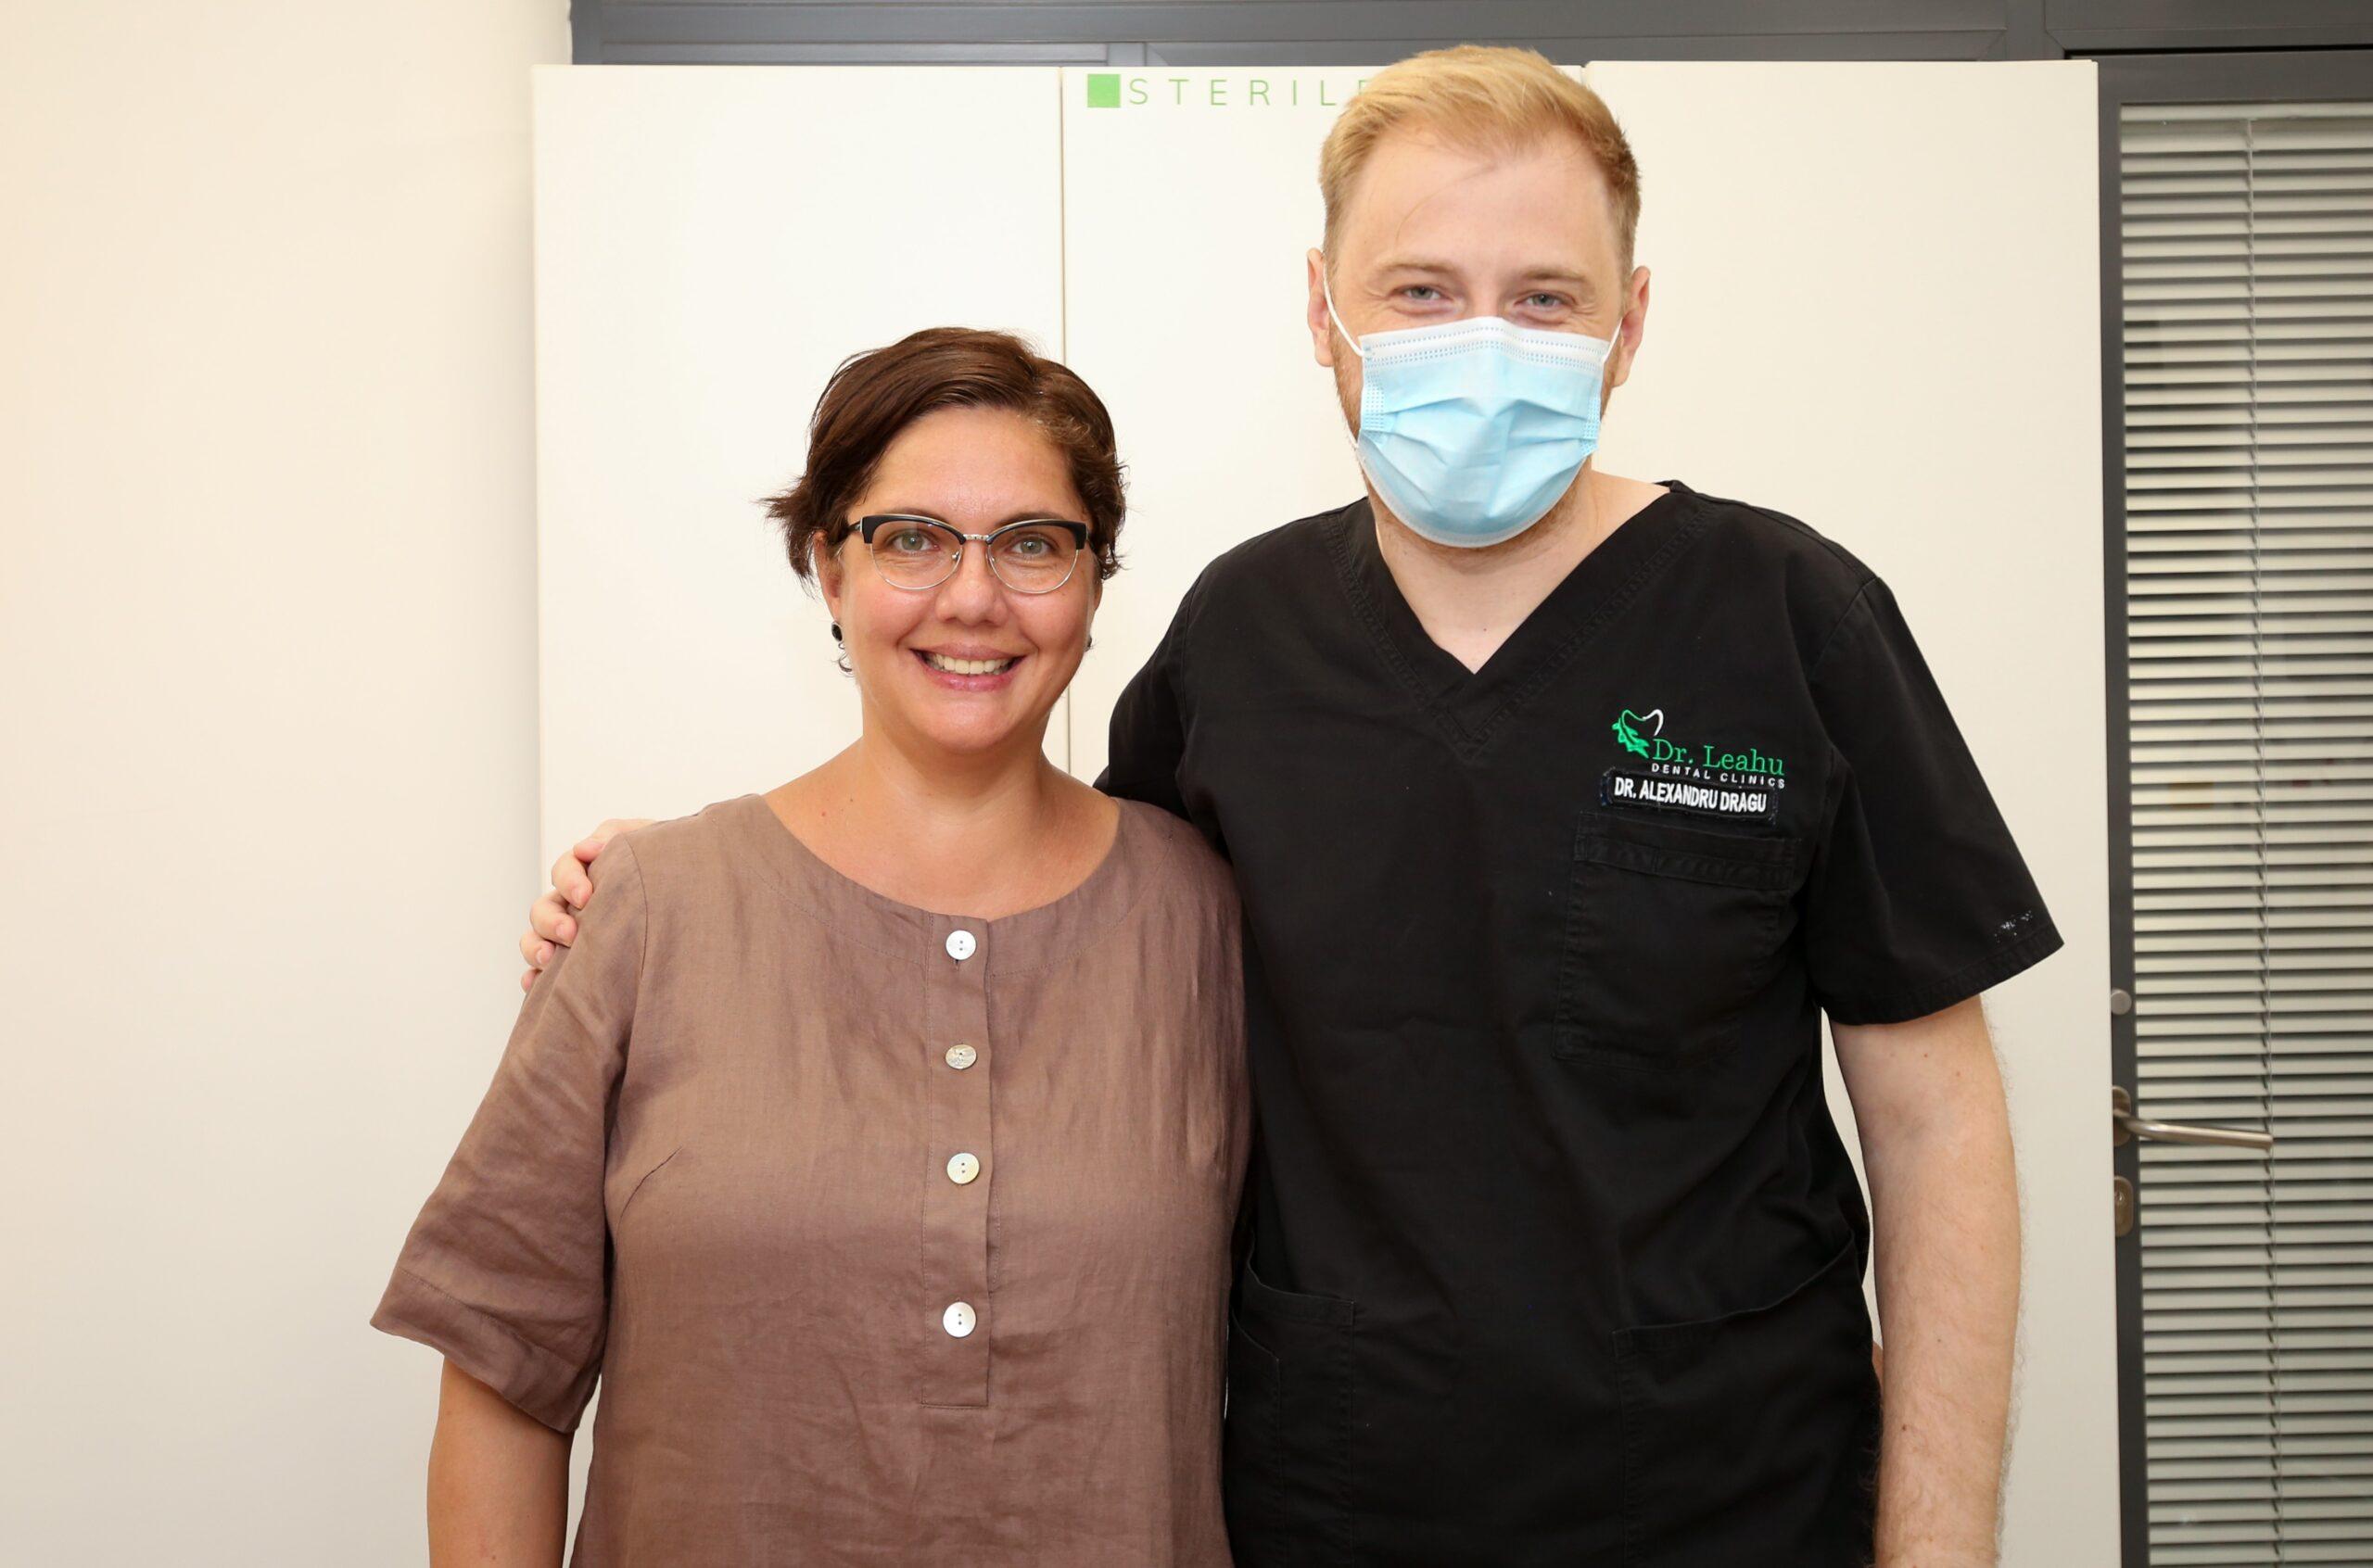 pacienta in stanga, medic stomatolog in dreapta